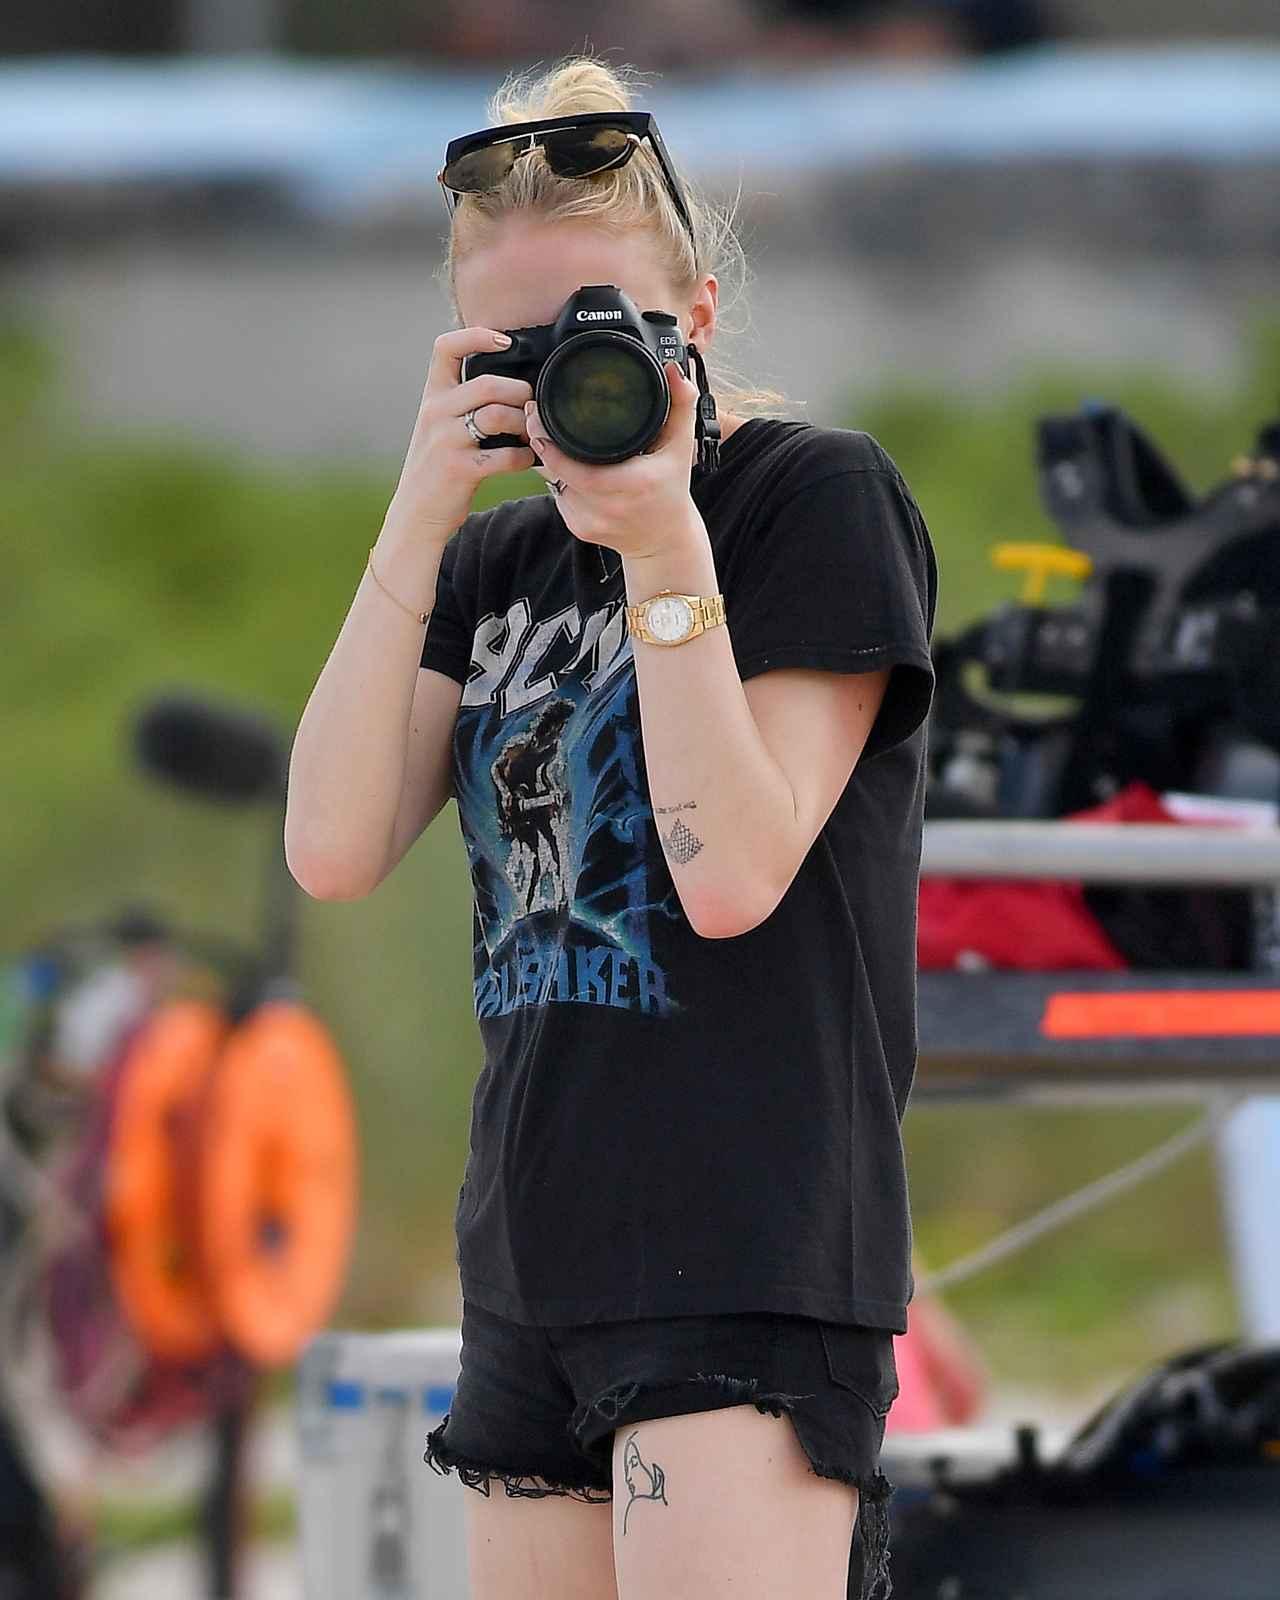 画像2: ソフィー・ターナー、撮影現場をパパラッチする人を逆パパラッチ